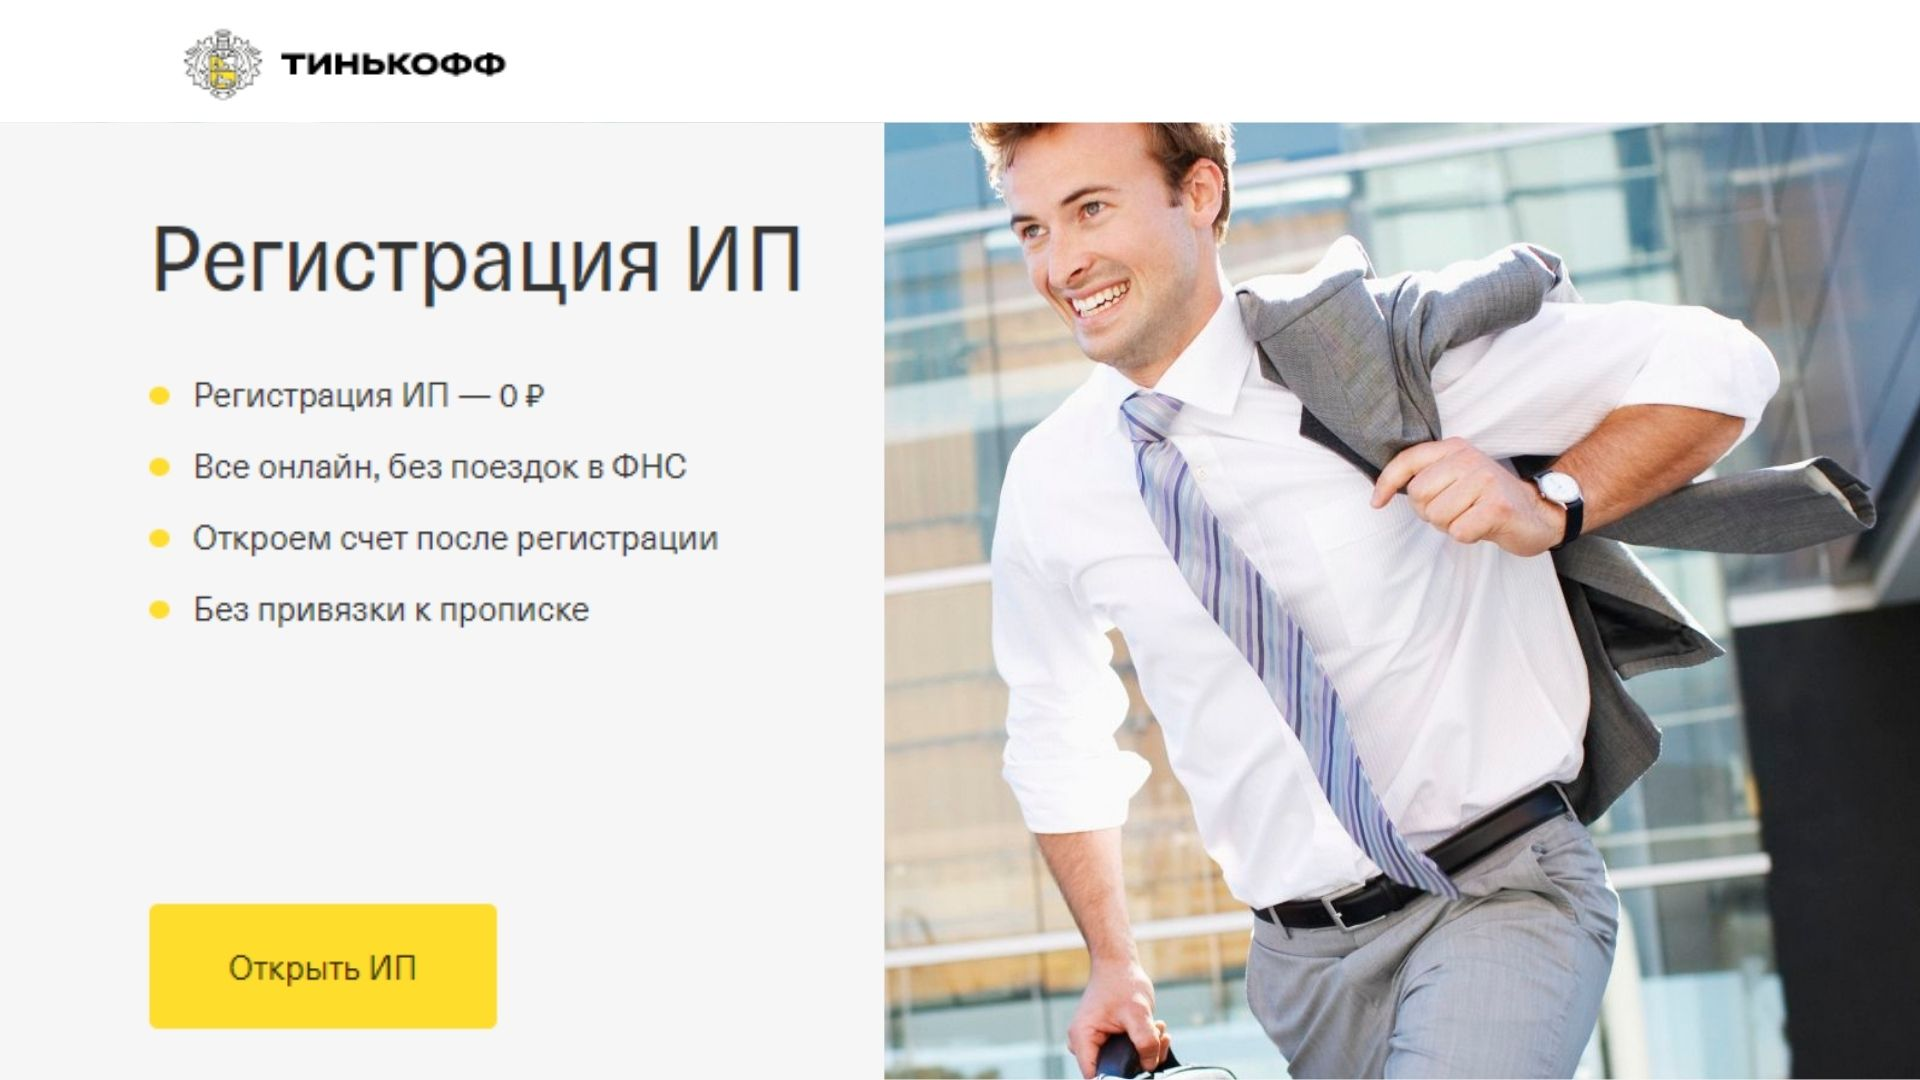 Открыть ИП через банк Тинькофф Бесплатно и Быстро без госпошлины Онлайн